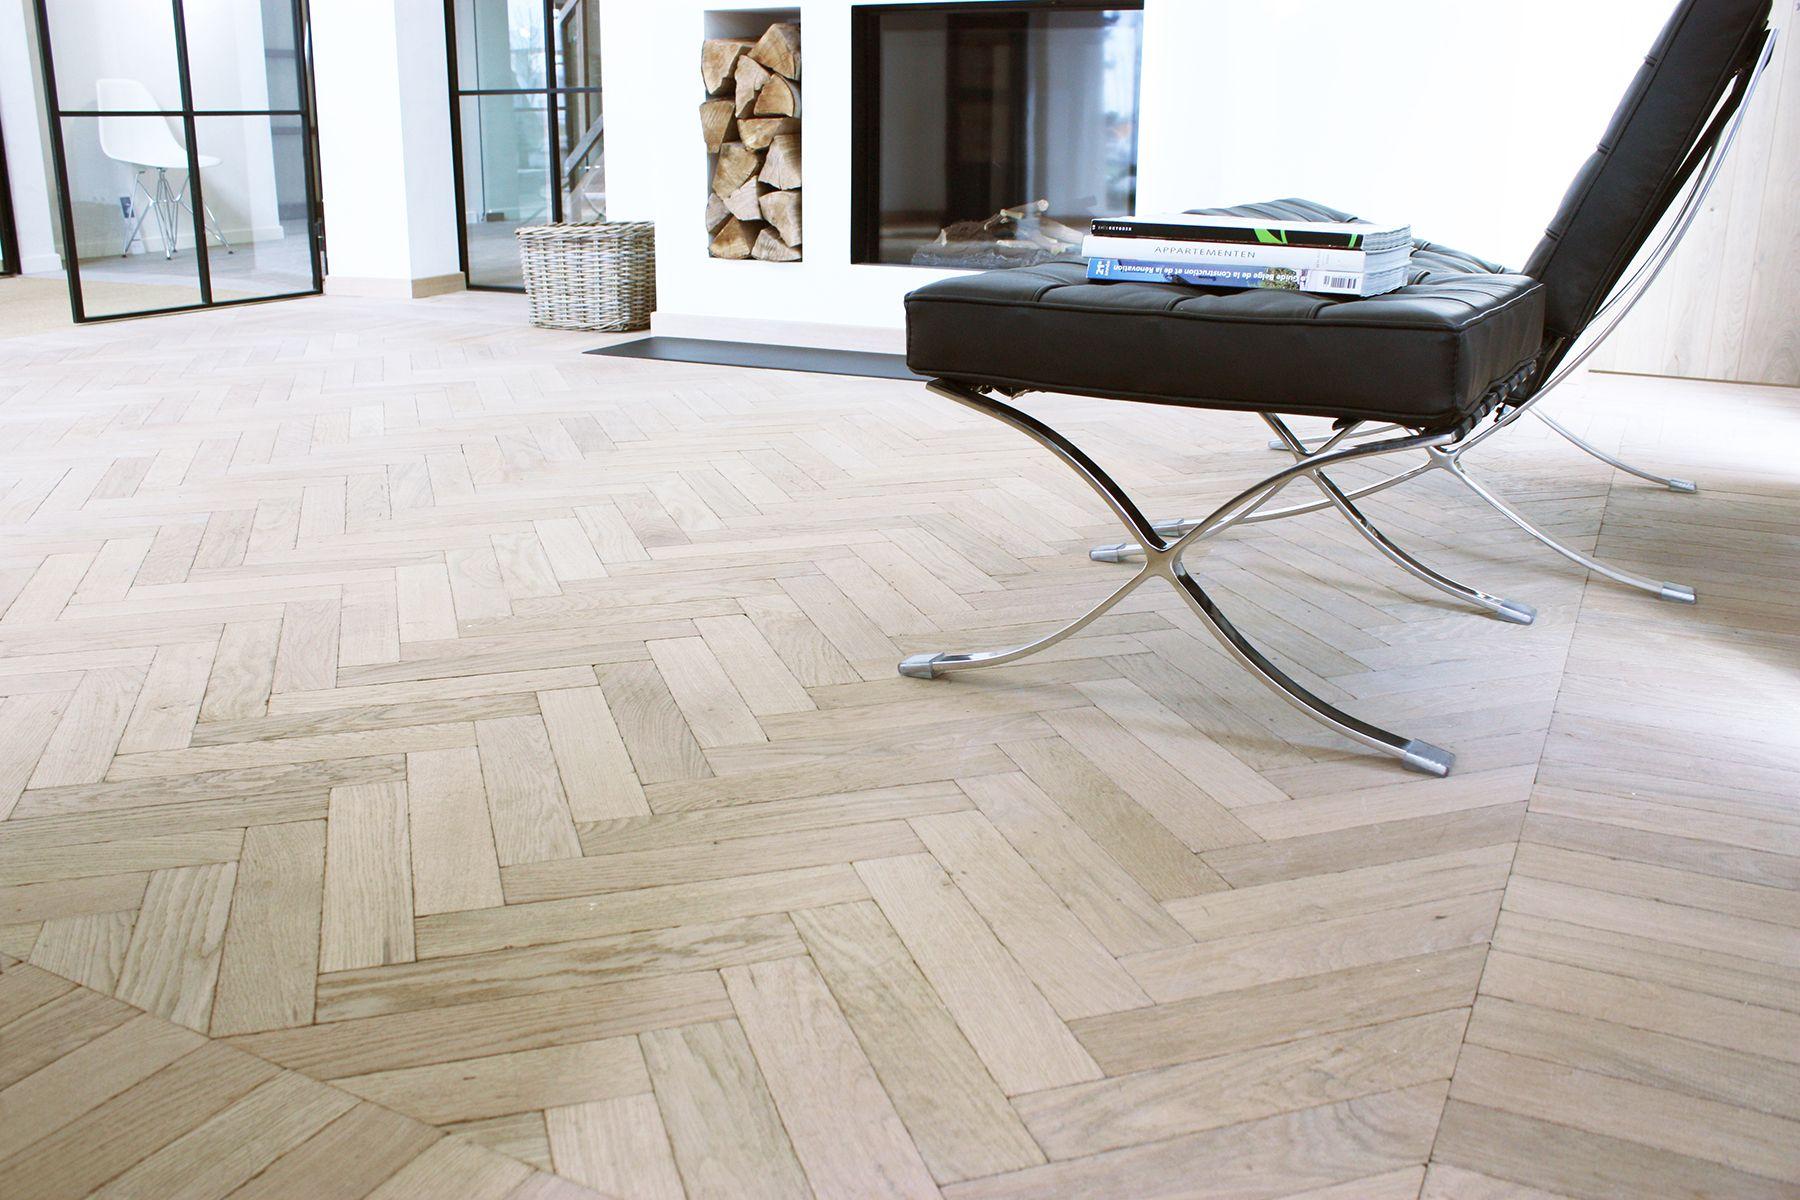 Visgraat Parket Leggen : Geolied visgraat parket wooden floor flooring wooden flooring